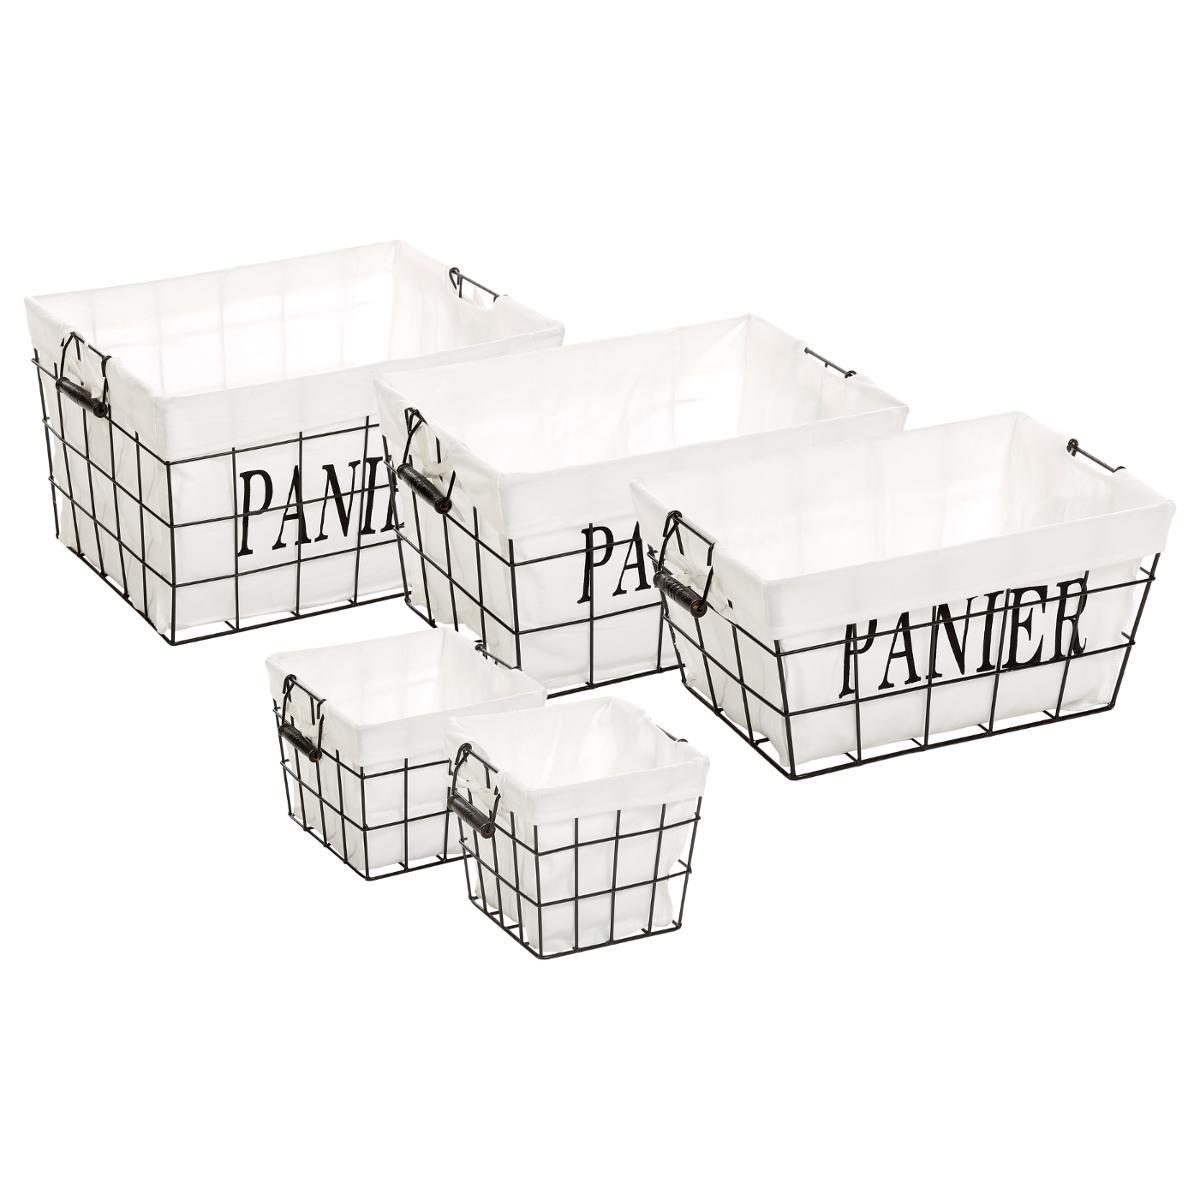 PAPILLON set con le istruzioni complete da Hemline 469.N x 2 set per confezione